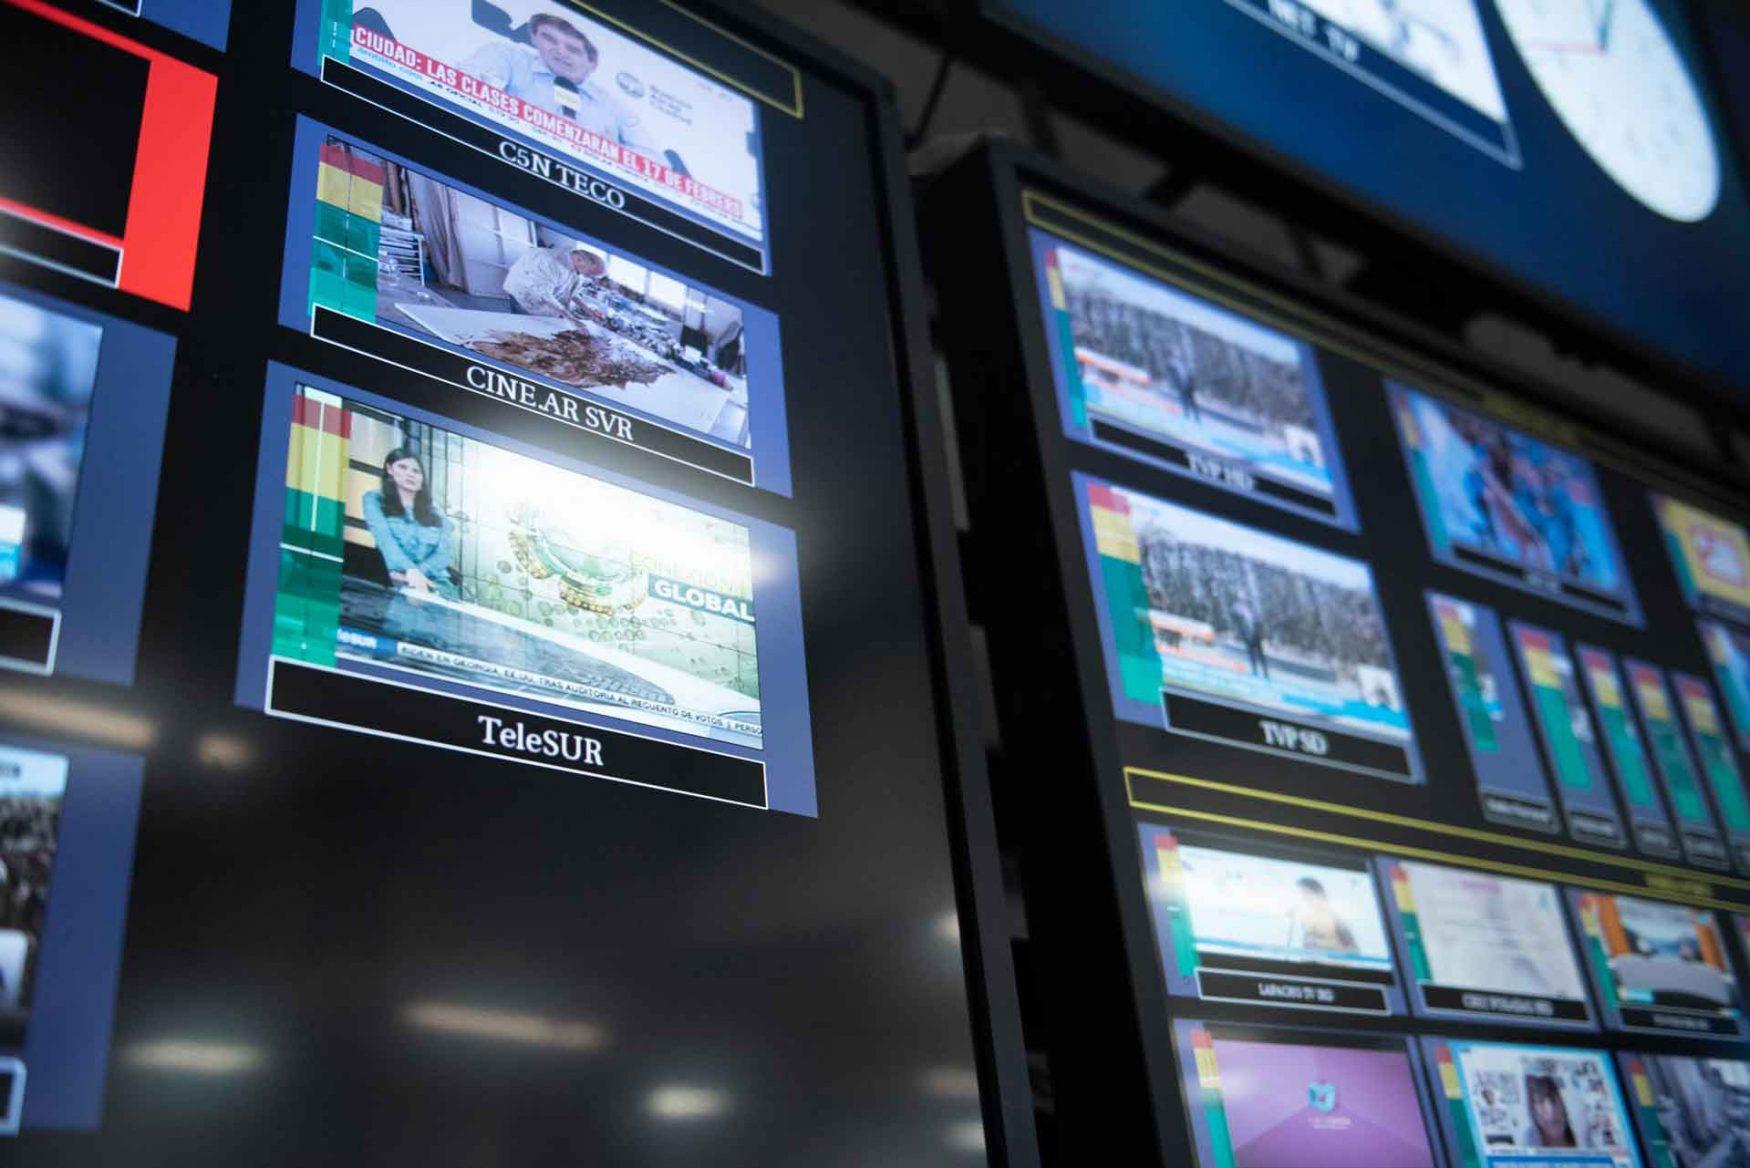 Monitores en el Centro de Operaciones de la Televisión Digital Abierta, que muestra el estado de transmisión de los canales Telesur y Cinear.